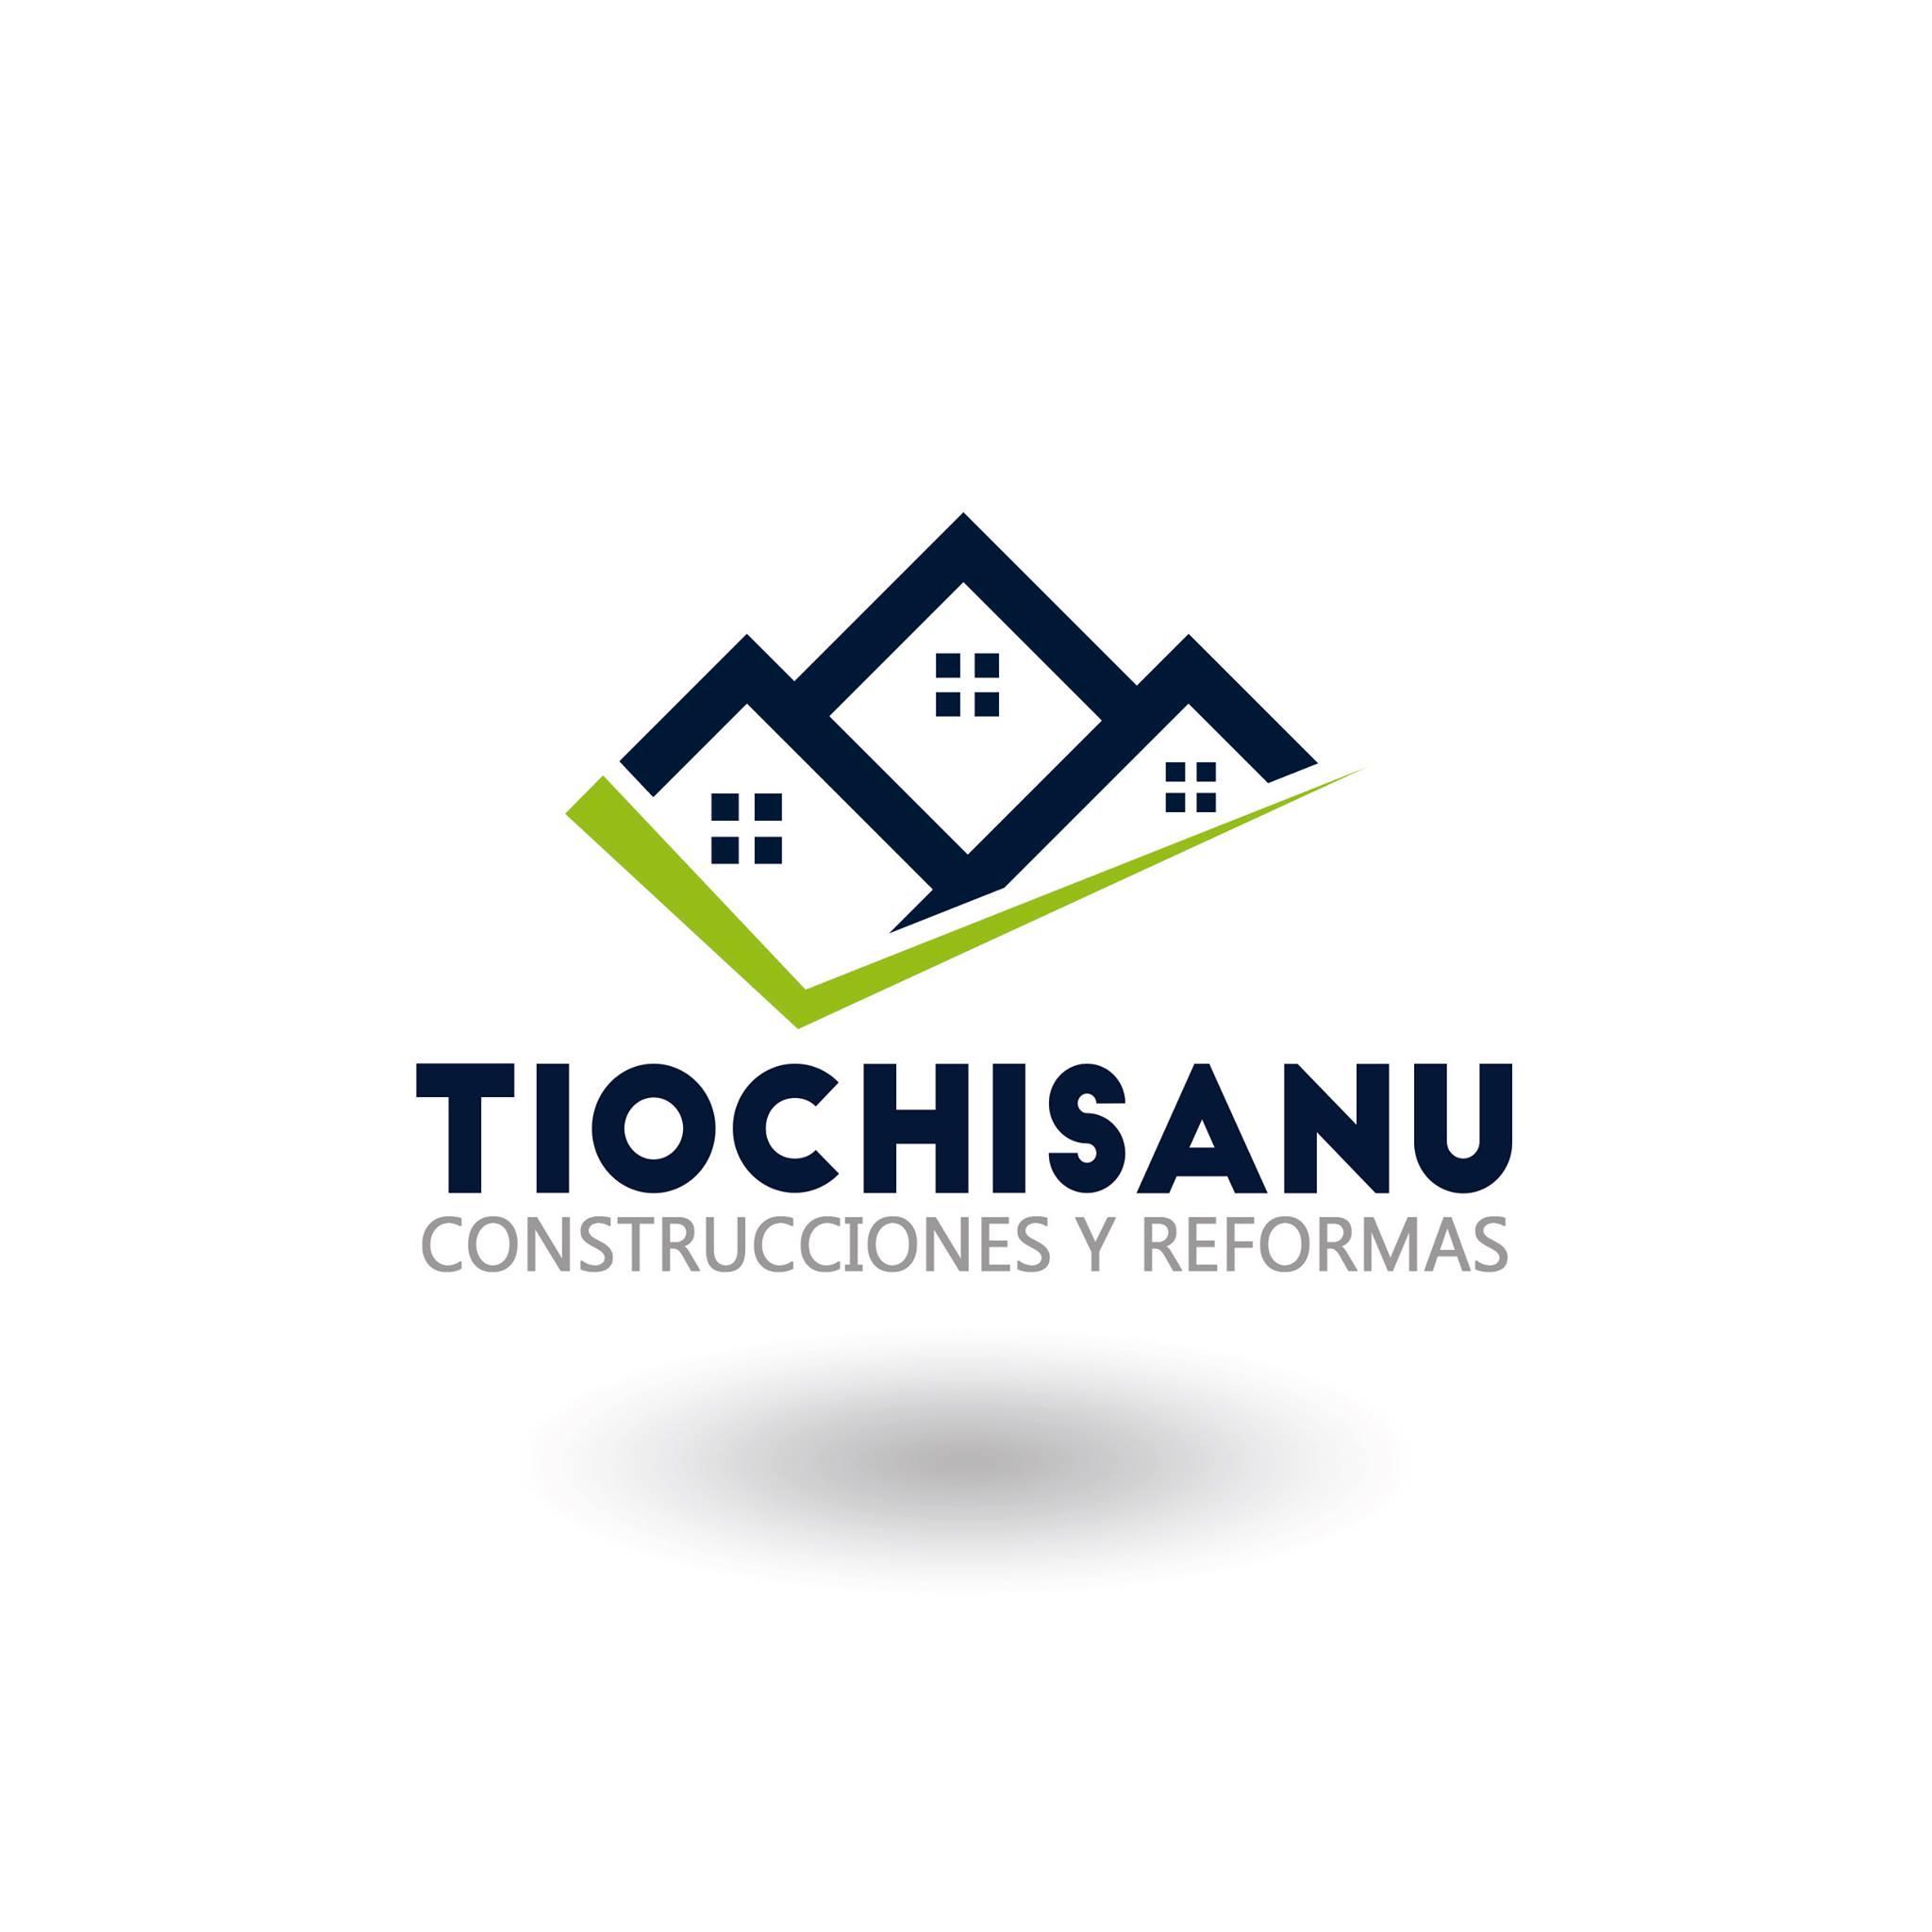 Construcciones Tiochisanu